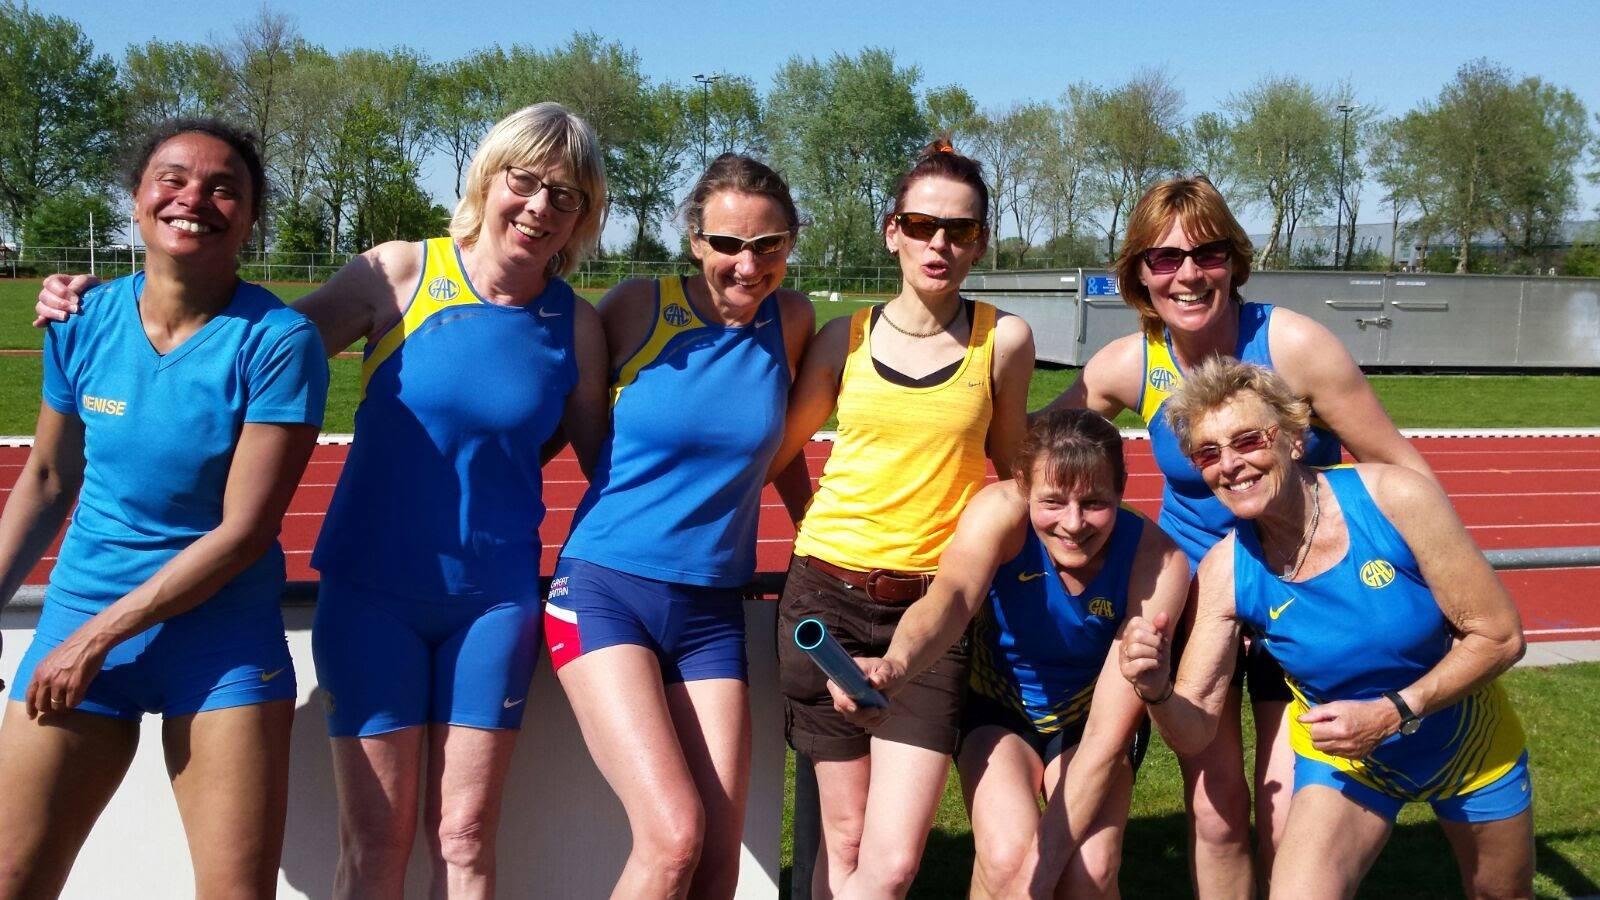 Een deel van de ploeg van GAC: vlnr Denise van der Linden-Morris (100-400-estafette), Dineke Kok (1500), Ilona Mulder (kogel, estafette), Birgit Krämer (1500), Brigitte van der Kamp-Linnebank (ver-200-estafette), Inez Veldmeijer-Lubbers (ver-200-estafette) en Rietje Dijkman (100-hoog). Ingrid van Dijk (discus-kogel) ontbreekt op de foto.